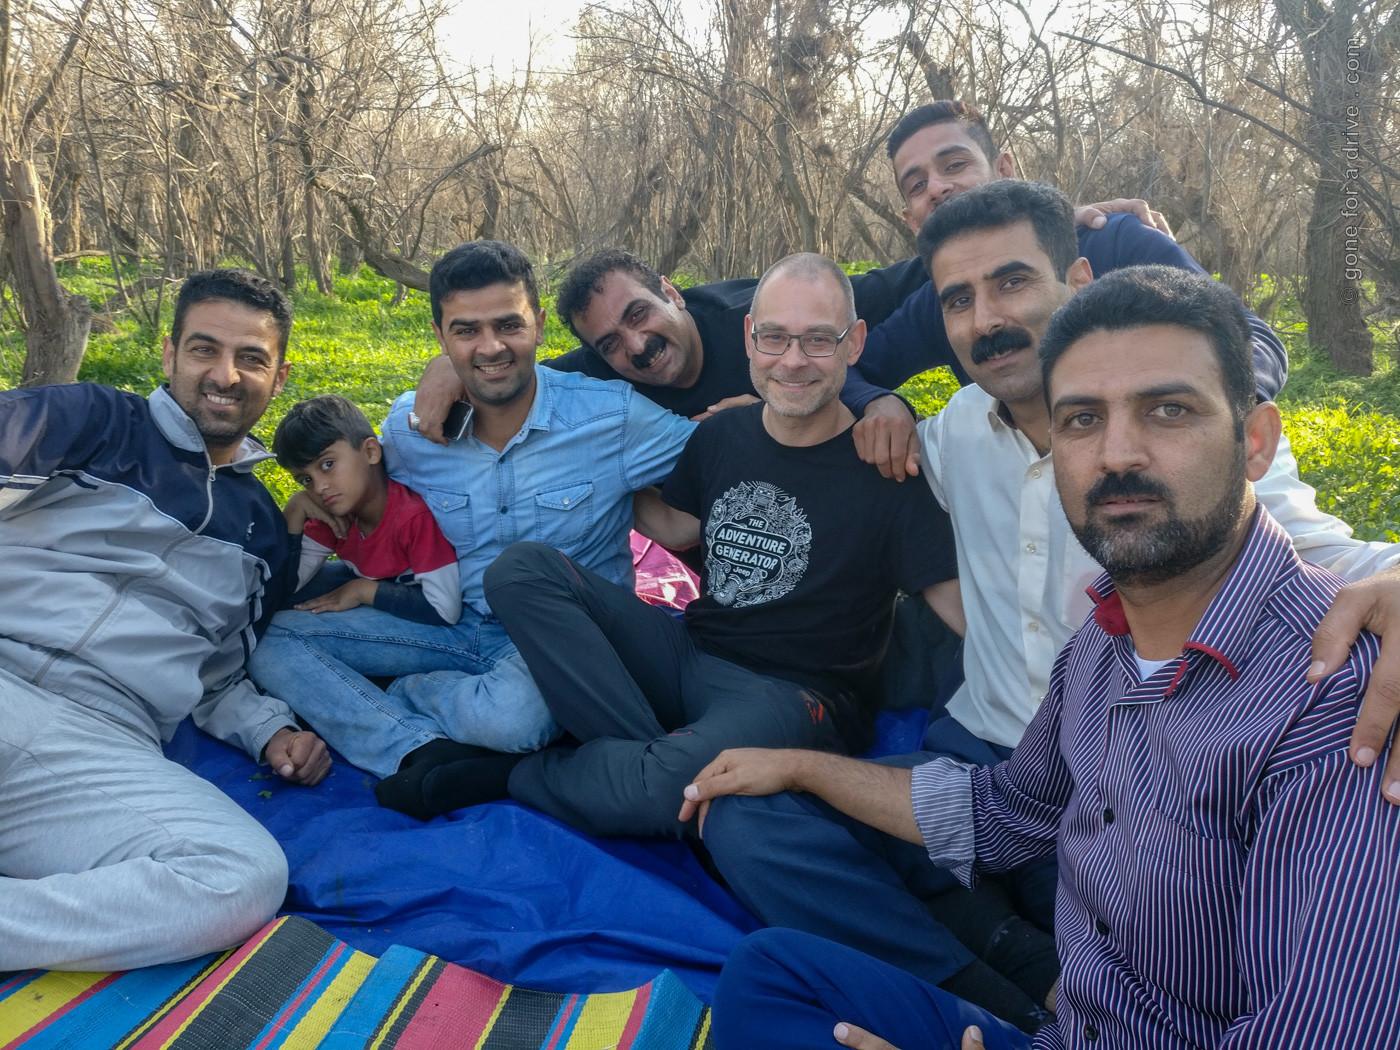 Picknick mit iranischer Familie